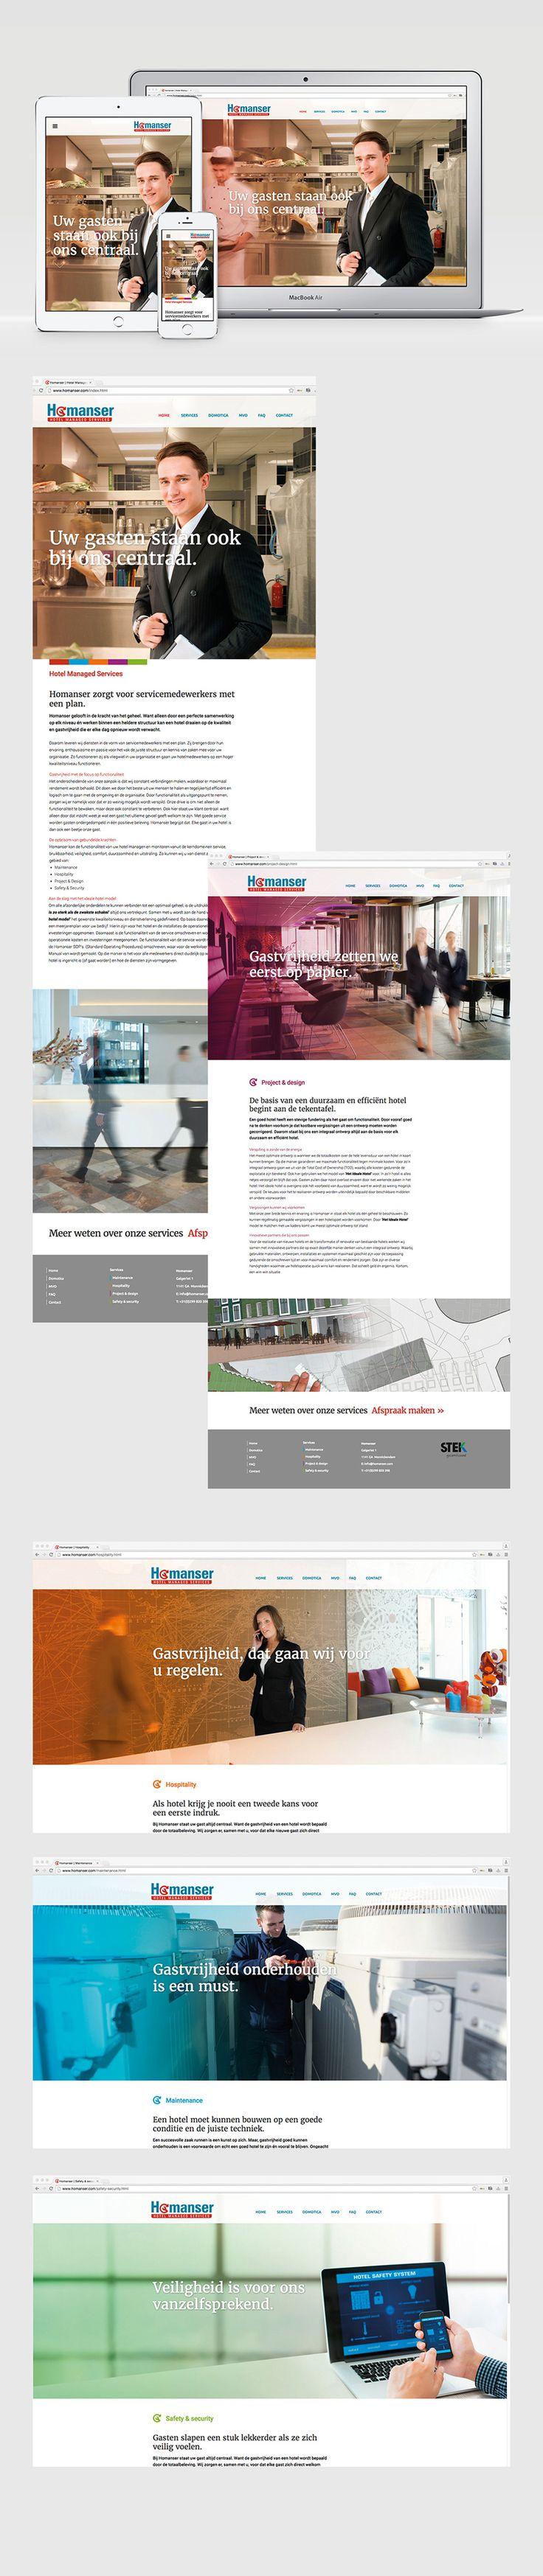 Webdesign :: Homanser ::